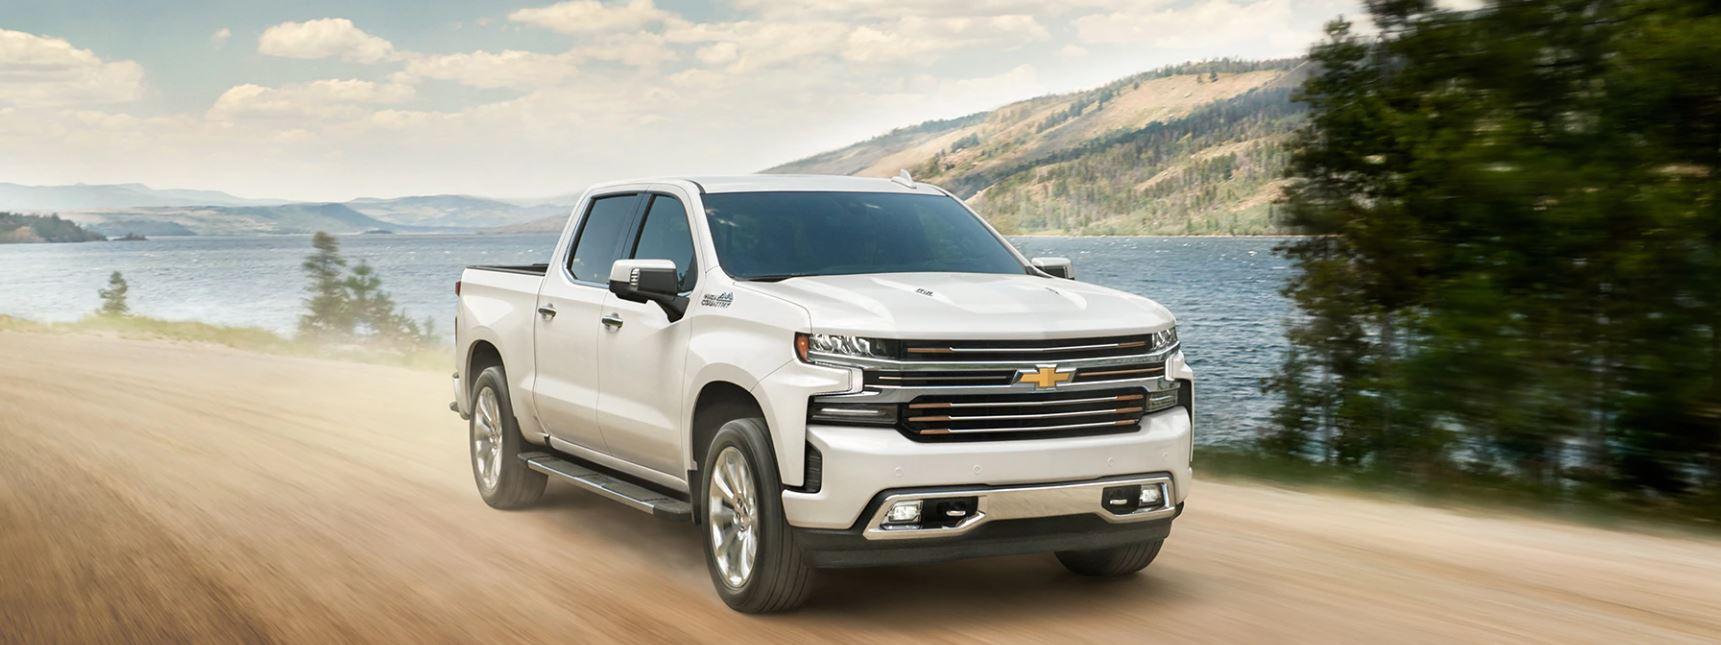 Chevrolet Silverado 1500 2020 a la venta cerca de Escondido, CA